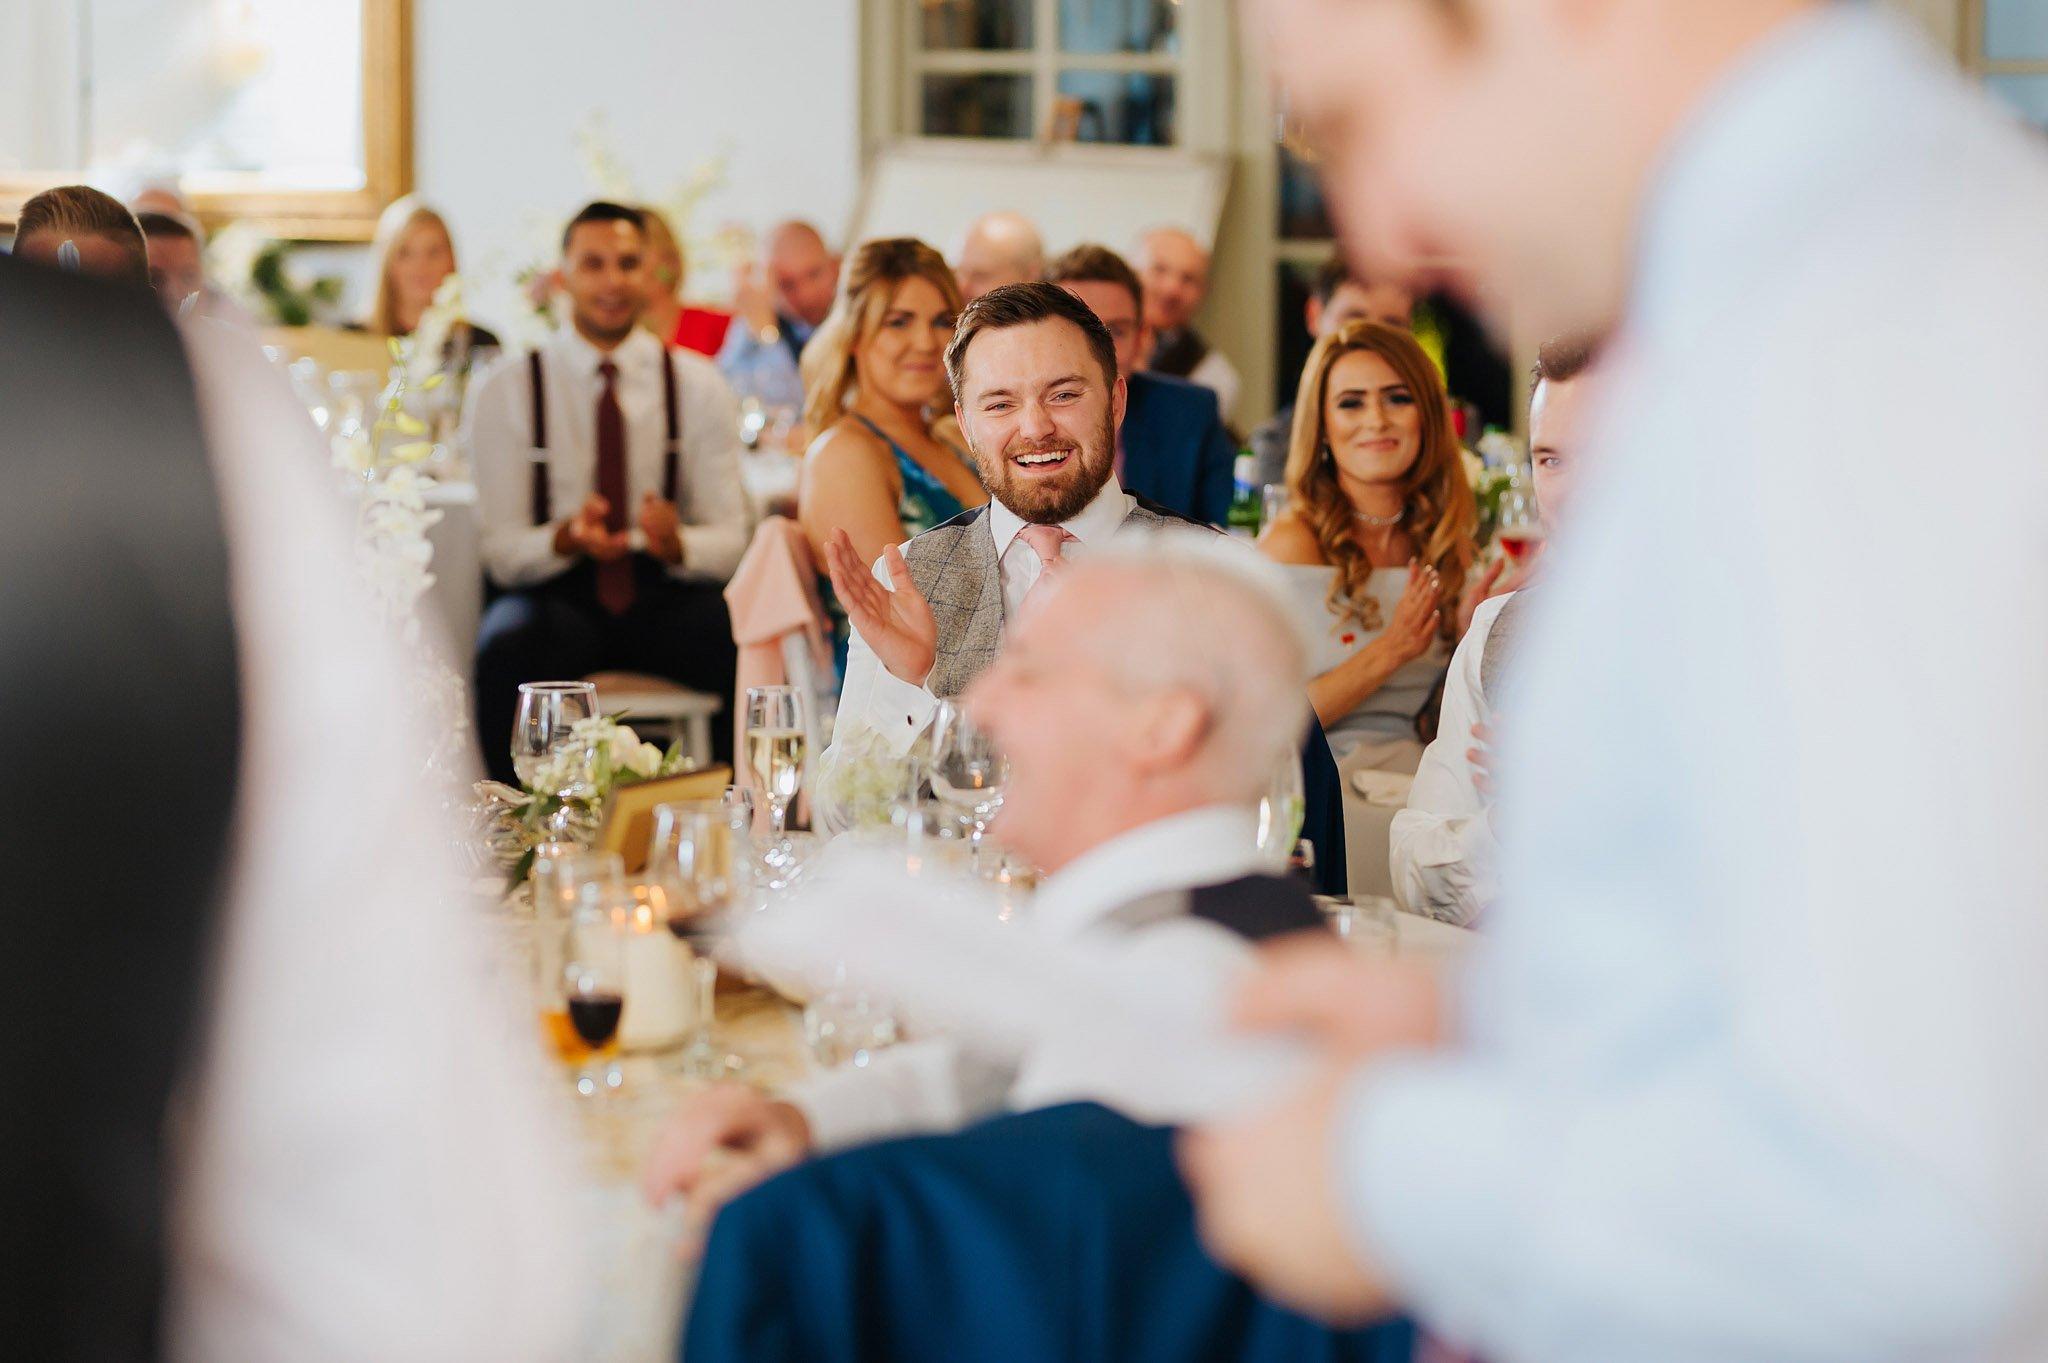 Lemore Manor wedding, Herefordshire - West Midlands | Sadie + Ken 98